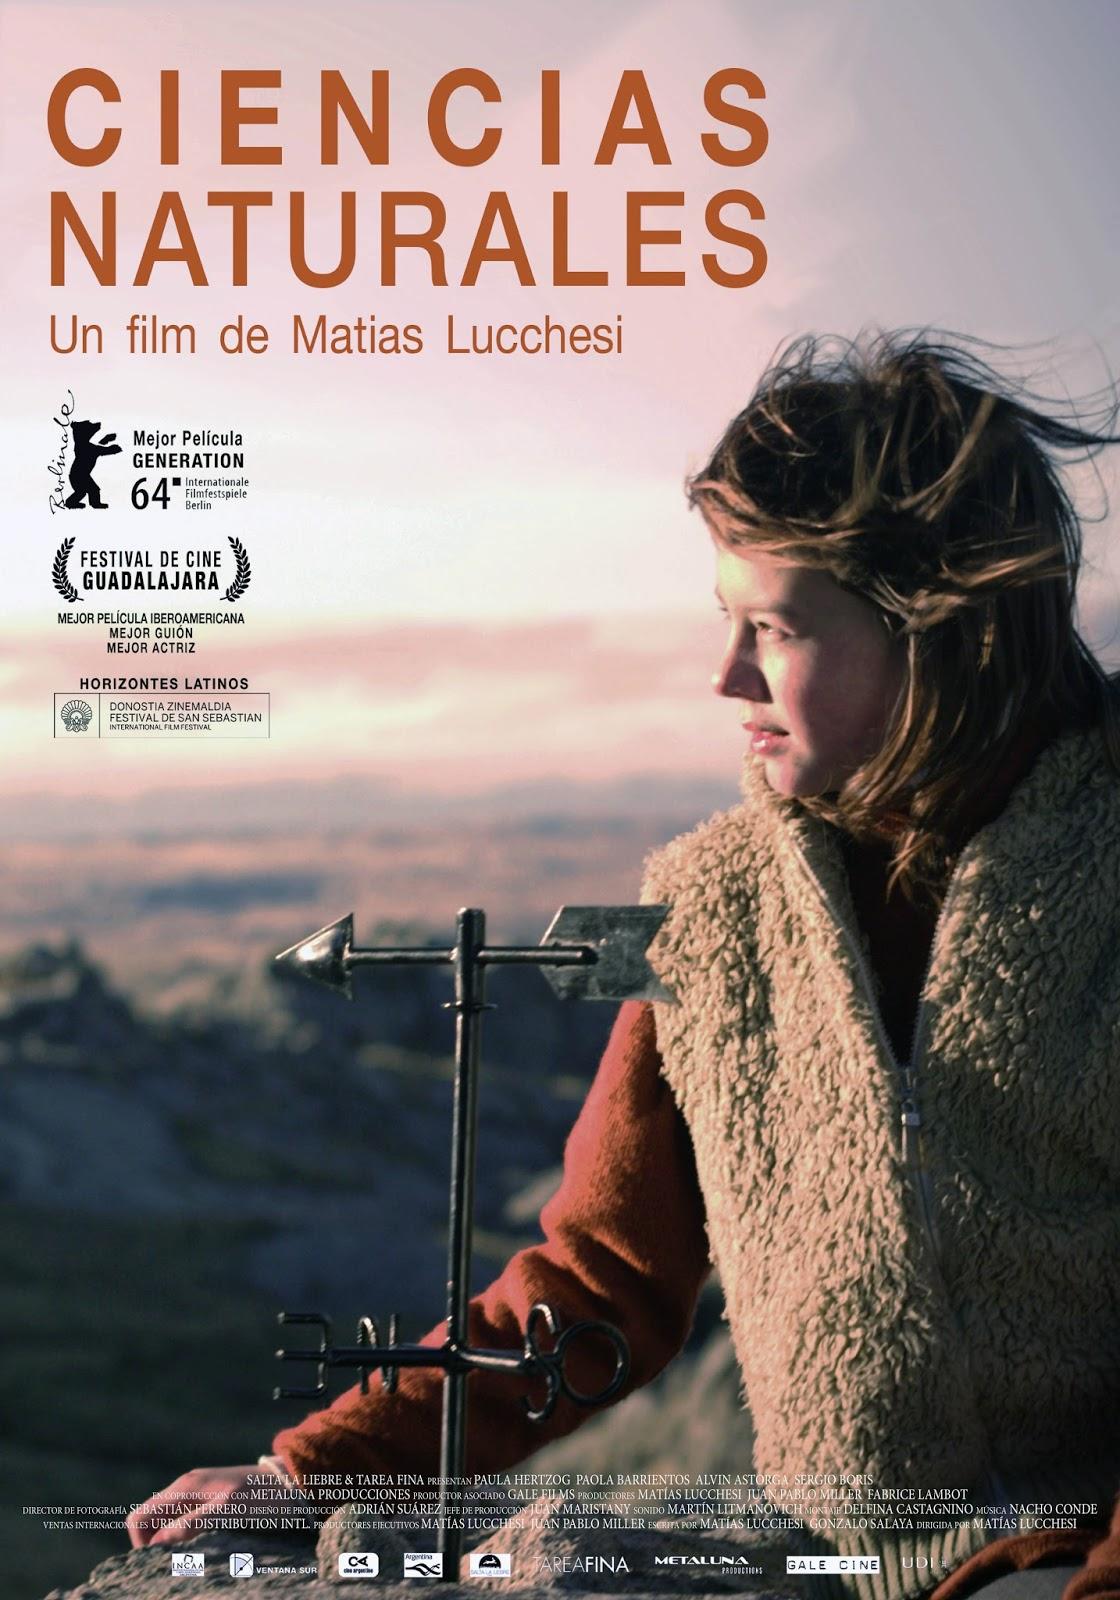 Ver Ciencias naturales Online (2014) Gratis HD Pelicula Completa